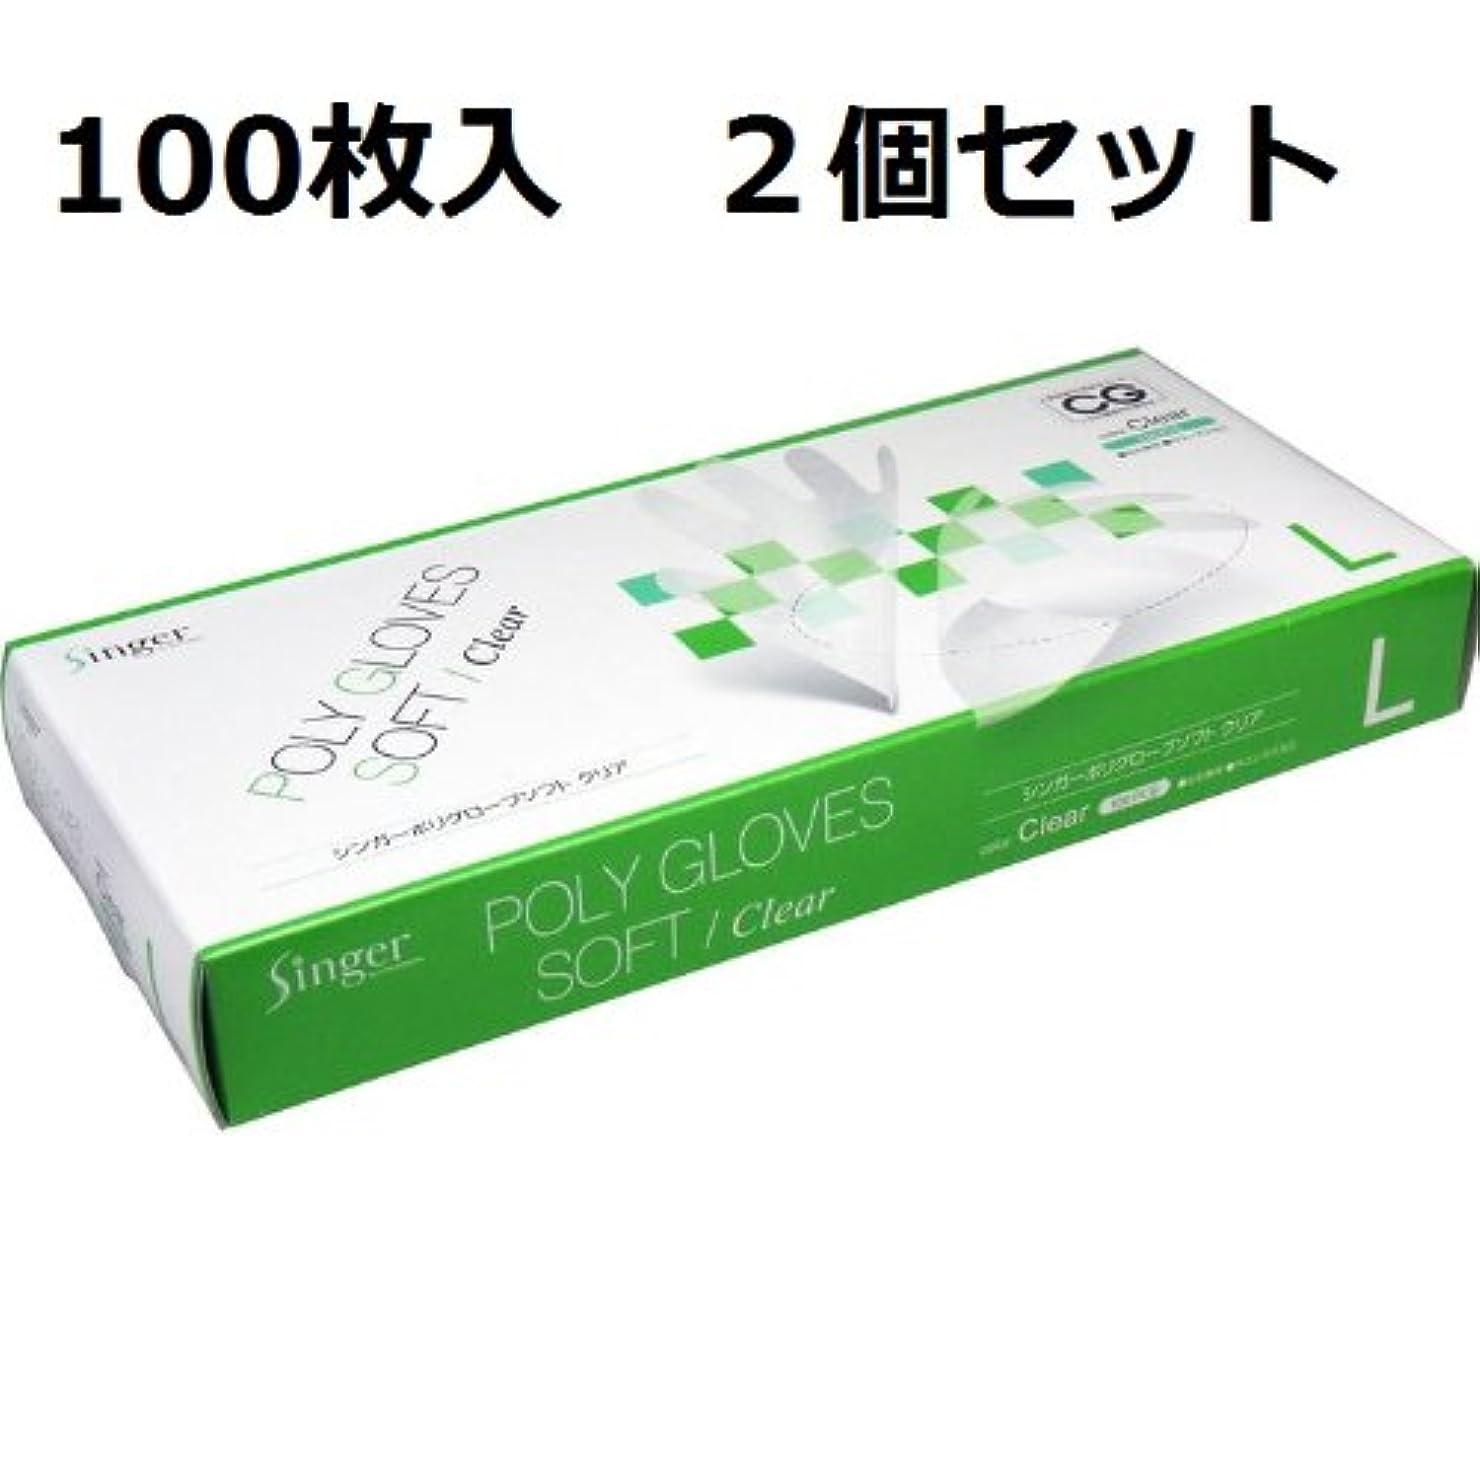 コウモリ令状チャート食品衛生法適合商品 100枚入 ポリ手袋 Lサイズ 2個セット